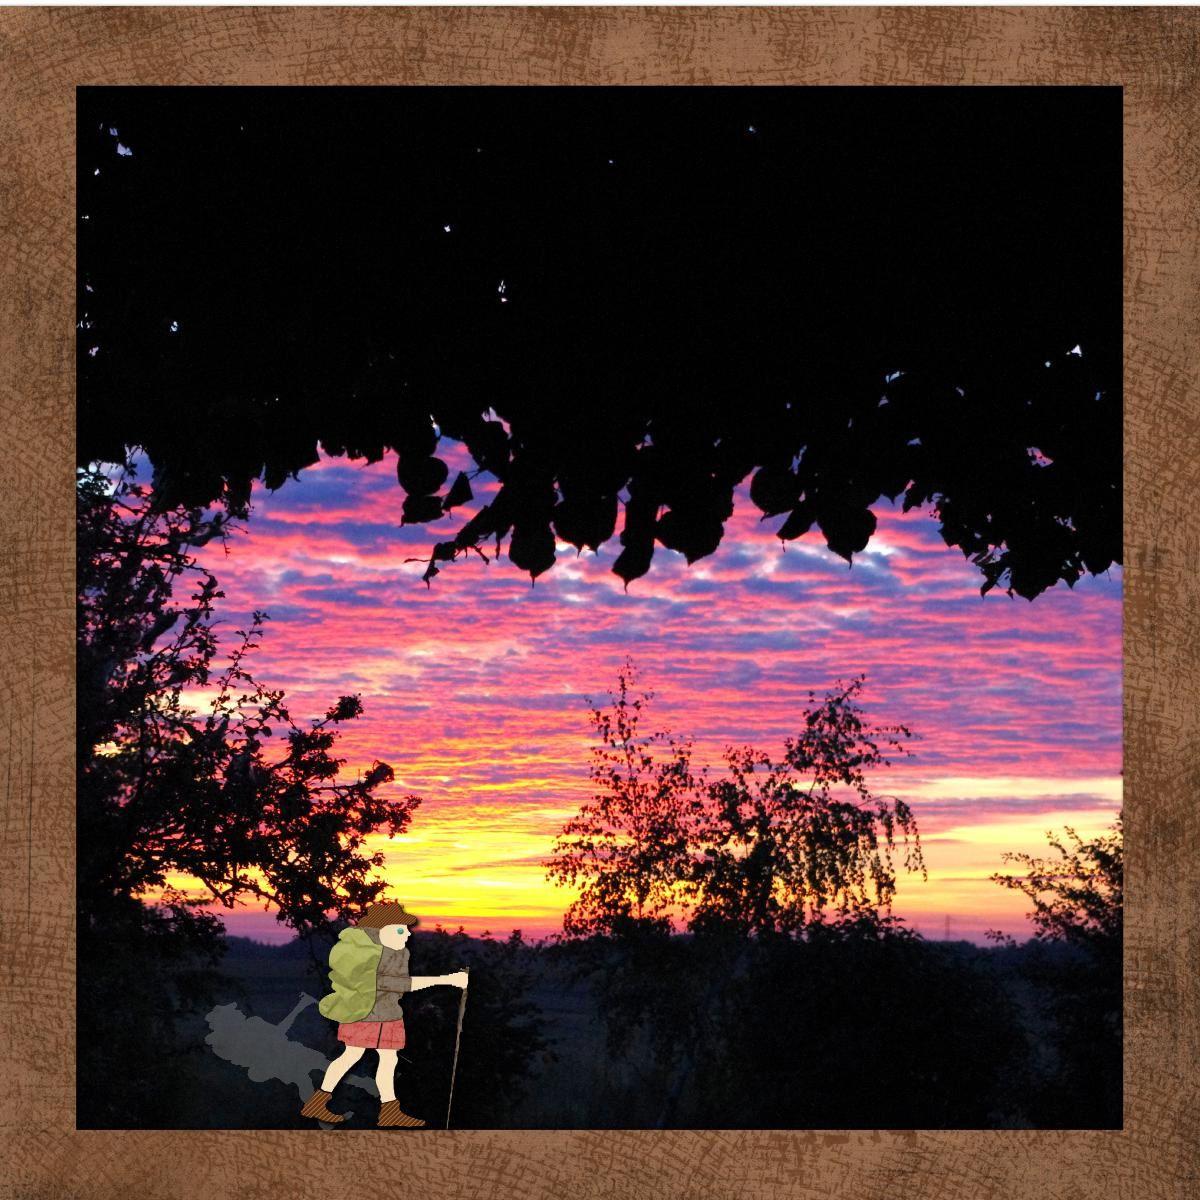 J'étais heureuse de voir ce beau lever de soleil, qui a la décence de ne pas paraître trop tôt en cette fin d'été ! L'ombre n'est pas très réaliste, considérons que c'est une licence poétique ! petit hommage à l'homme aux semelles de vent !